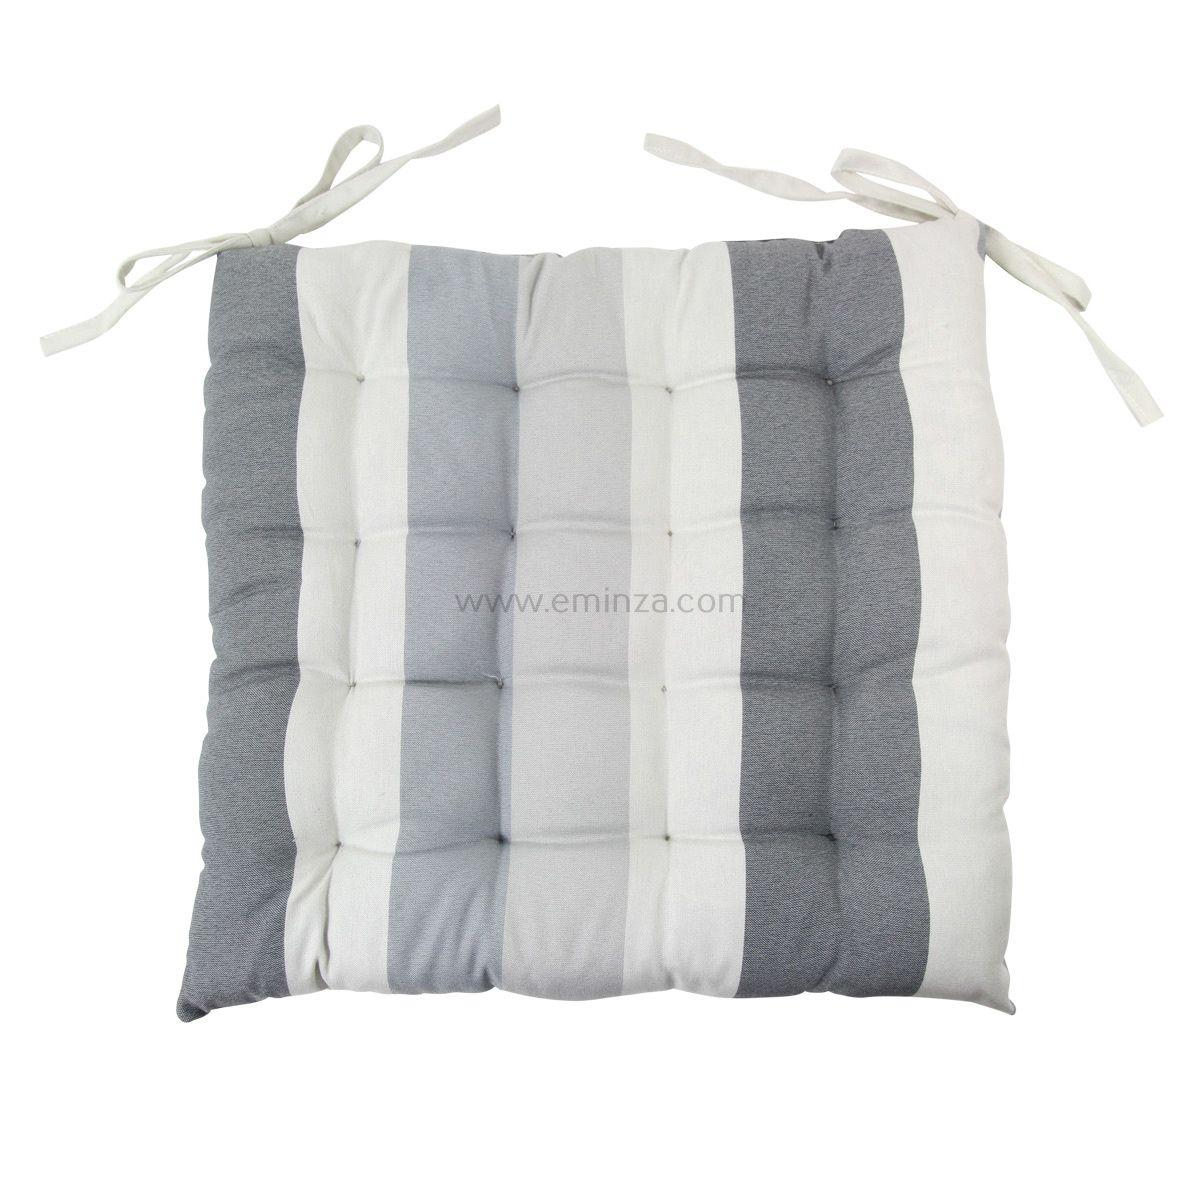 coussin de chaise rayure gris clair galette et coussin de chaise eminza. Black Bedroom Furniture Sets. Home Design Ideas